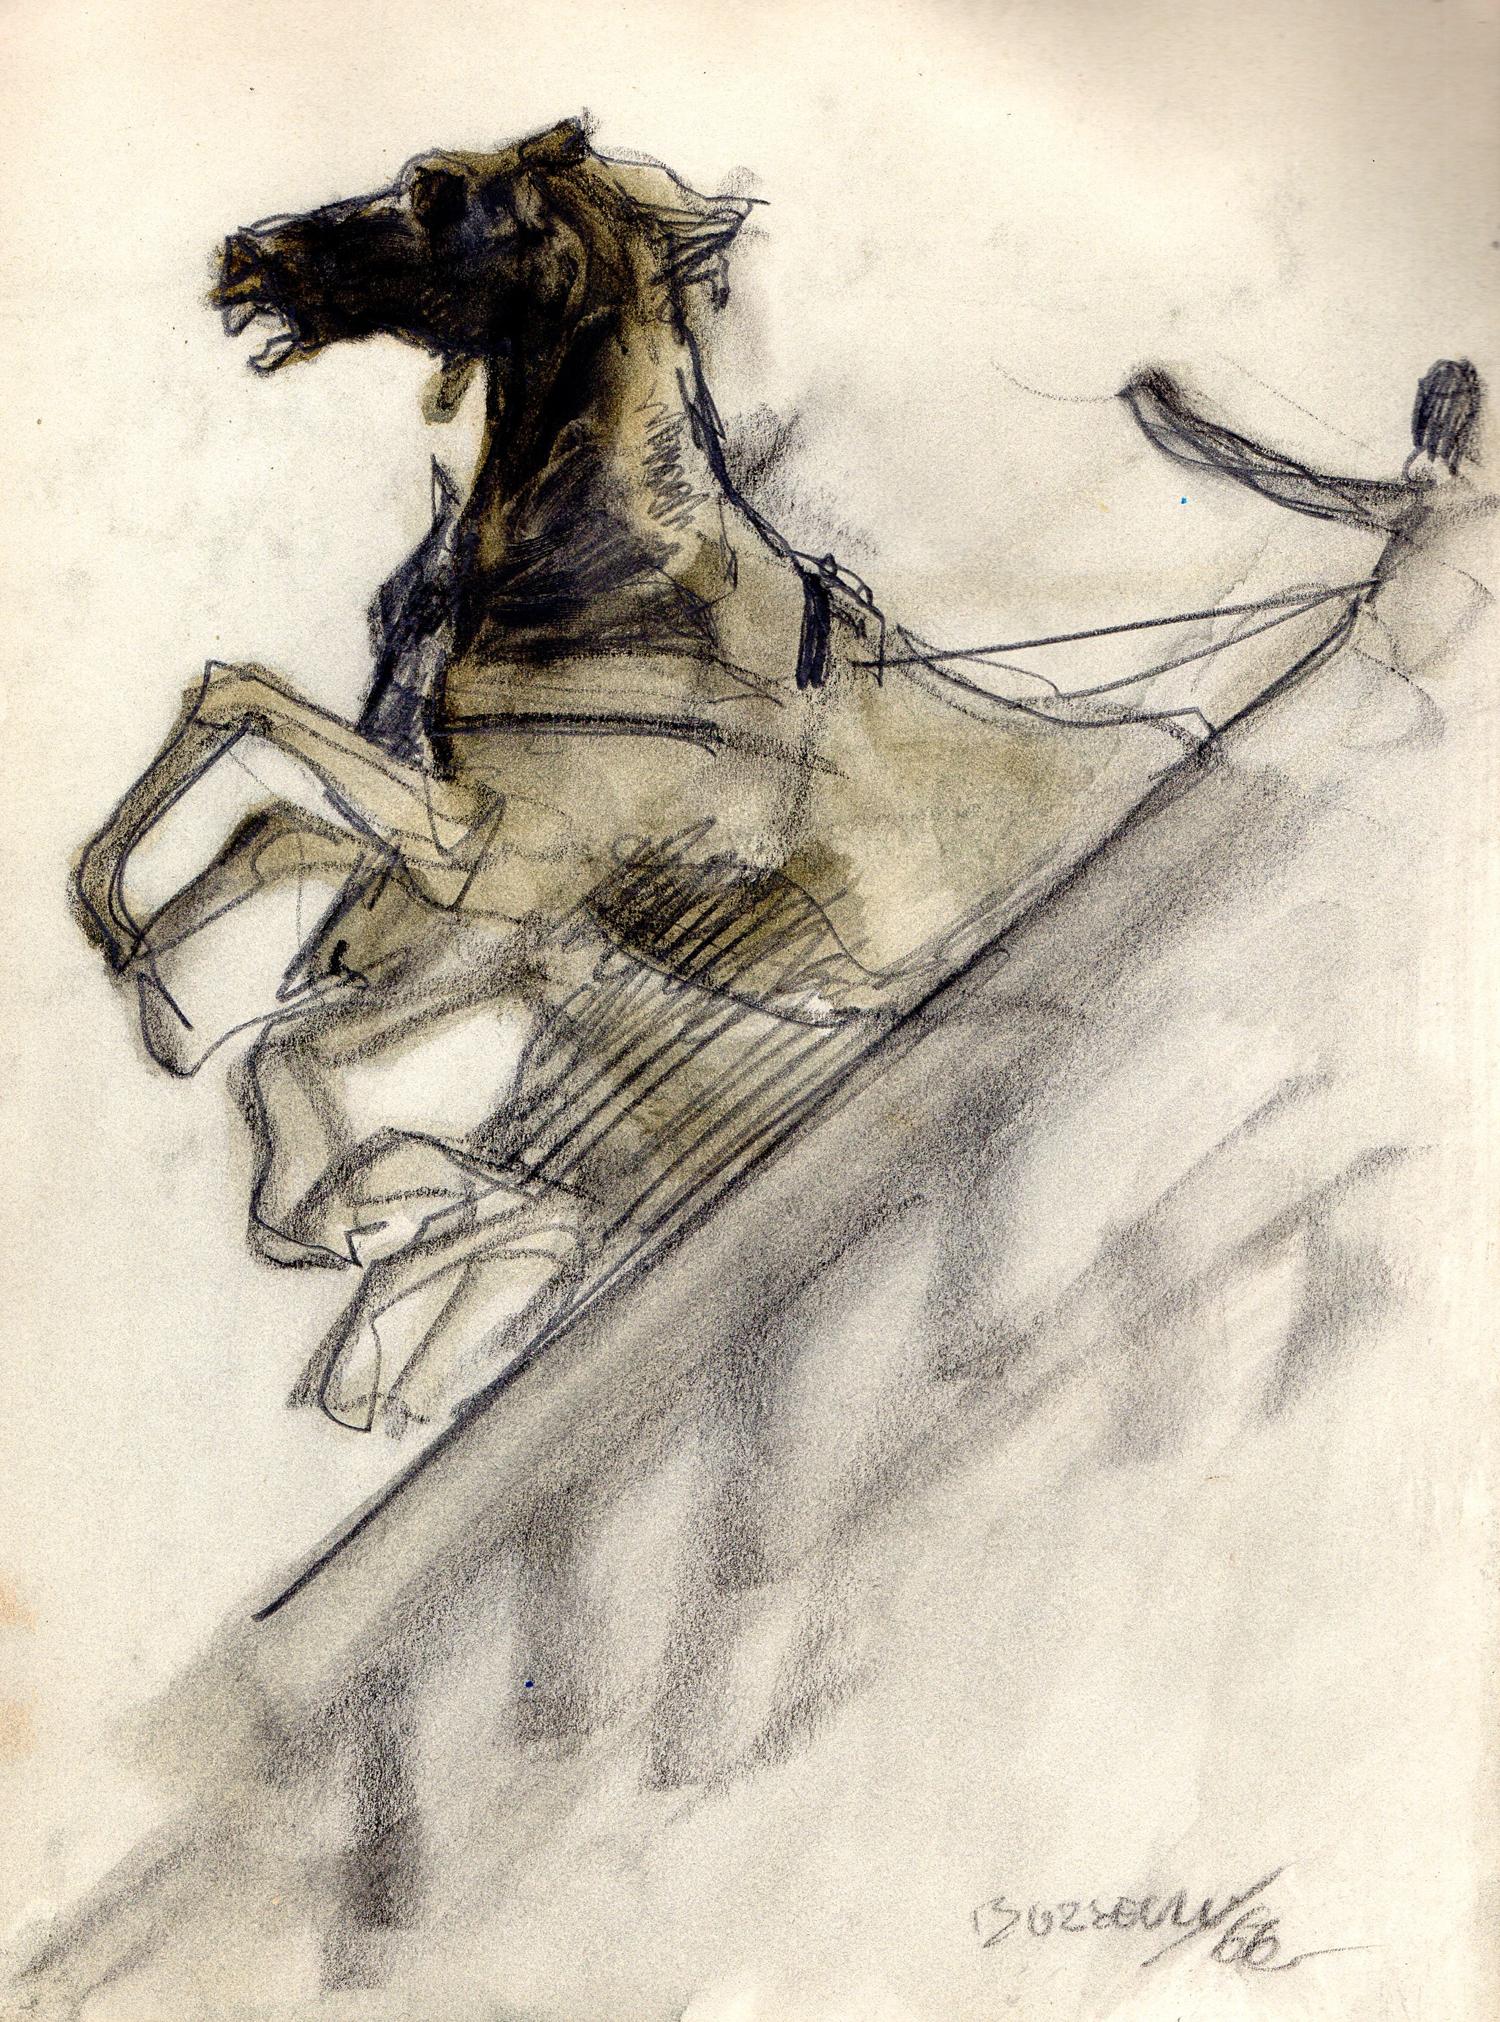 Guido Buzzelli | Cheval cabré | Guido Buzzelli